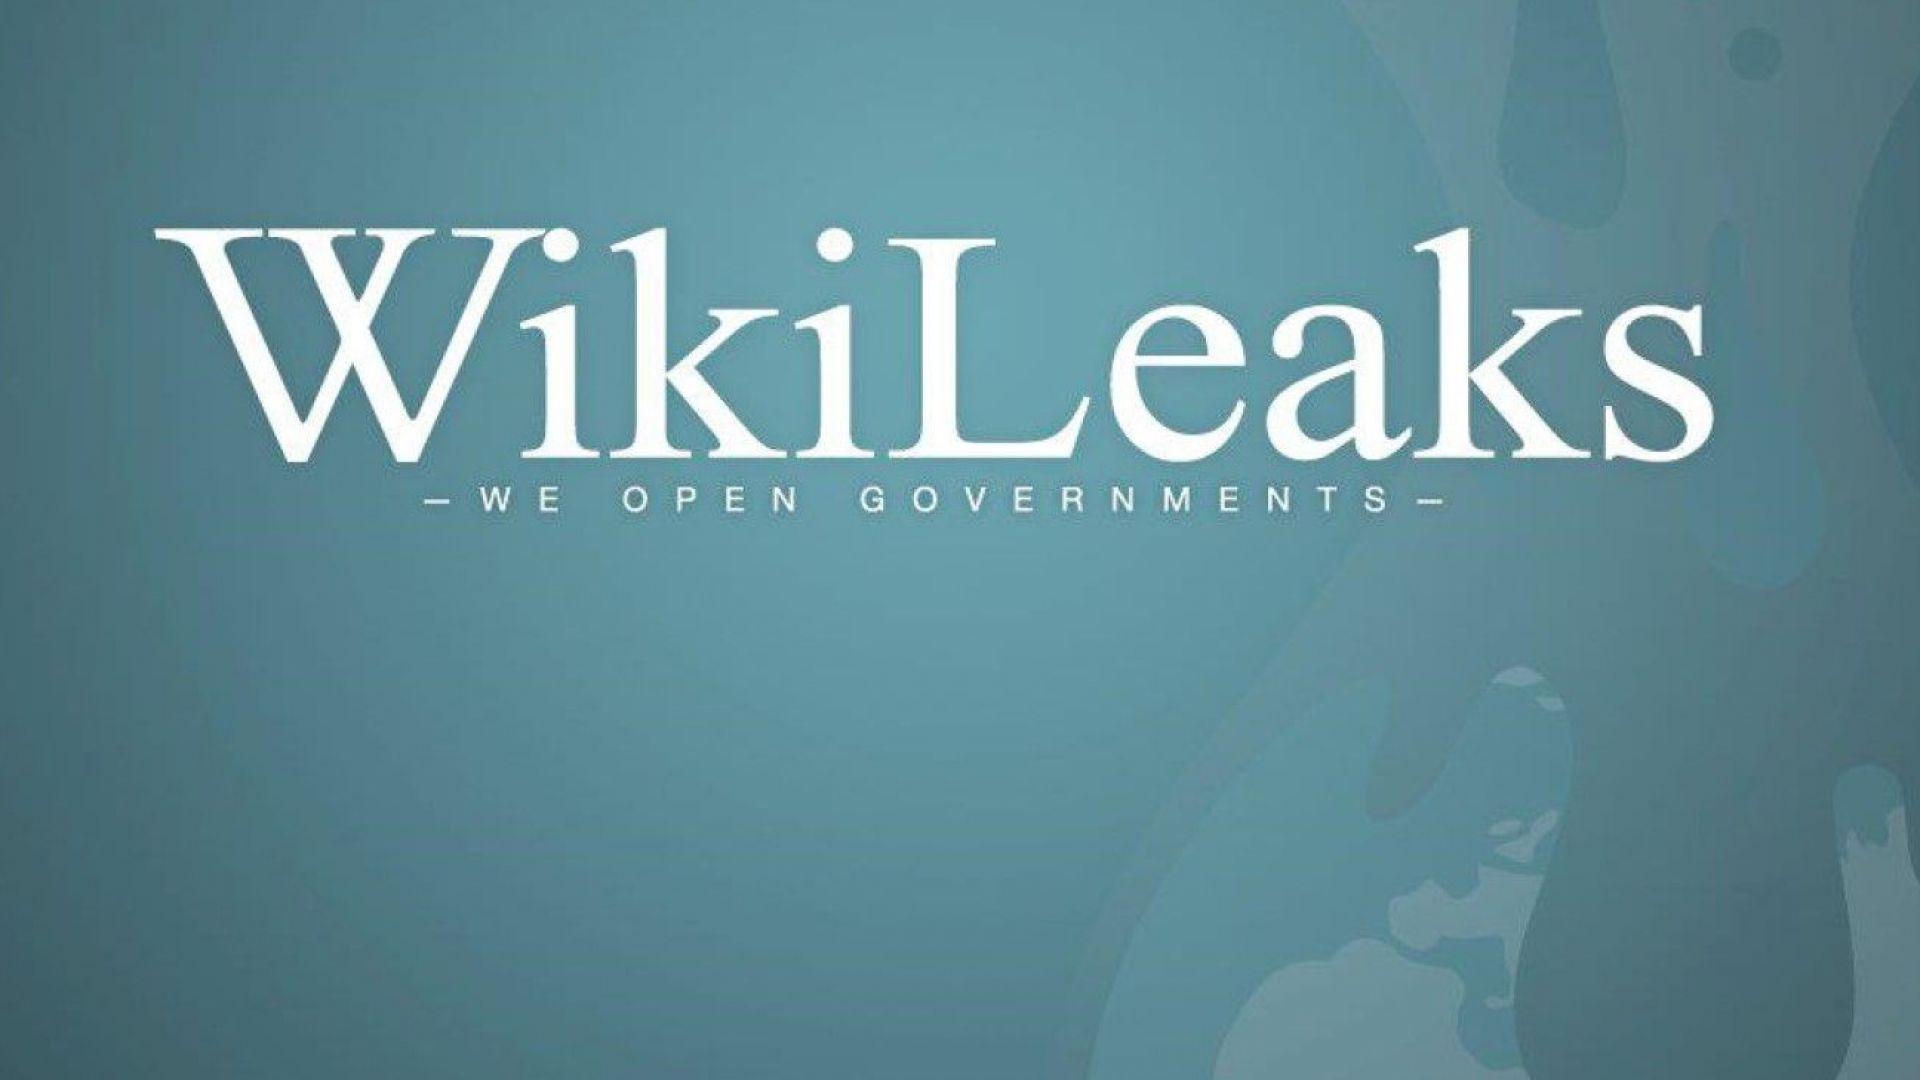 САЩ обвиниха бивш агент на ЦРУ за издаване на тайни на Уикилийкс